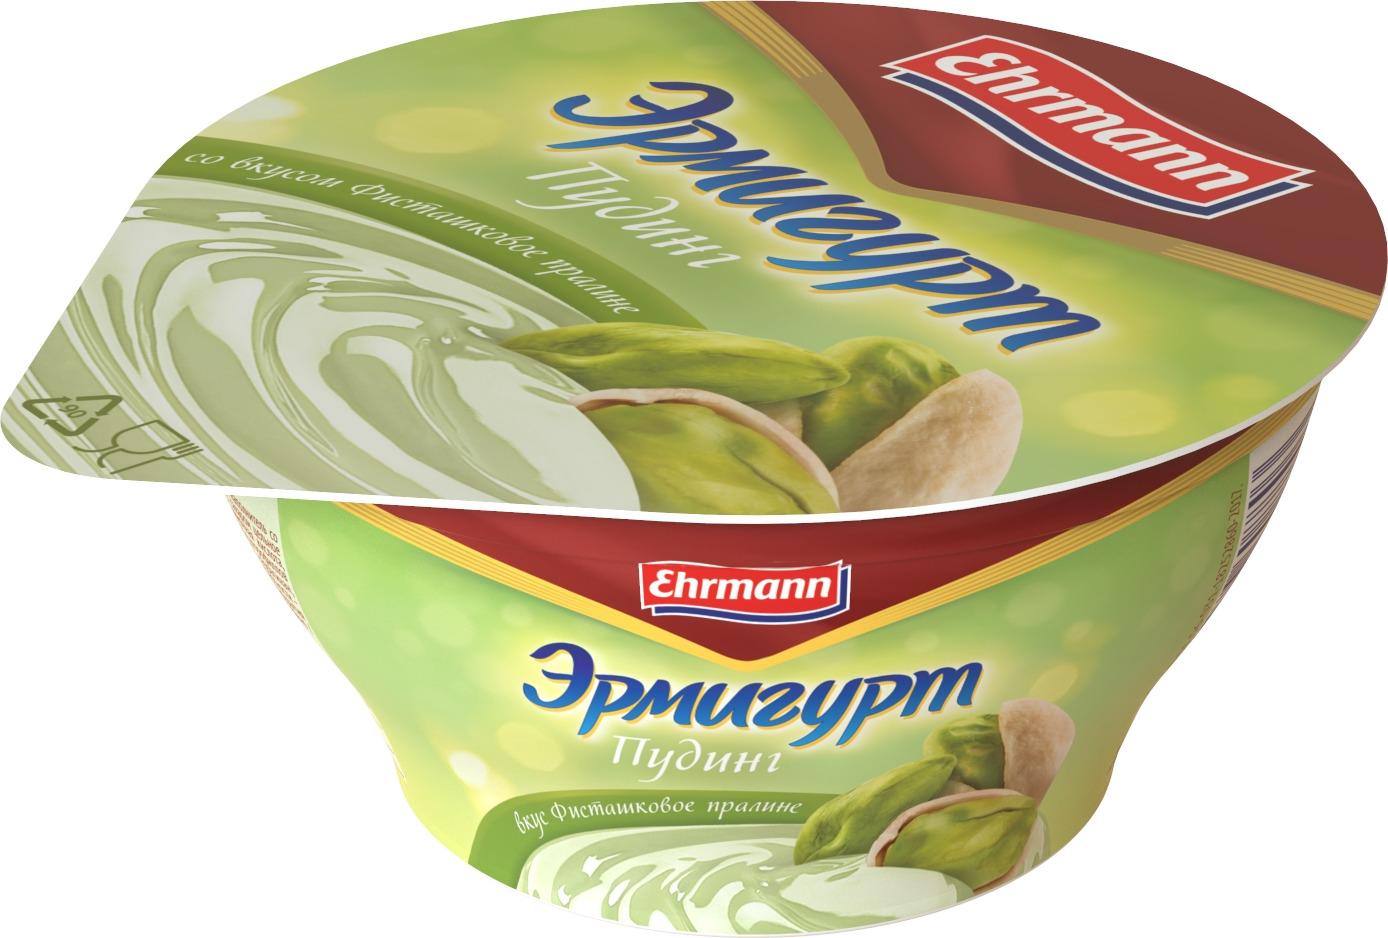 Пудинг Эрмигурт, со вкусом Фисташковое пралине, 3,4%, 140 г